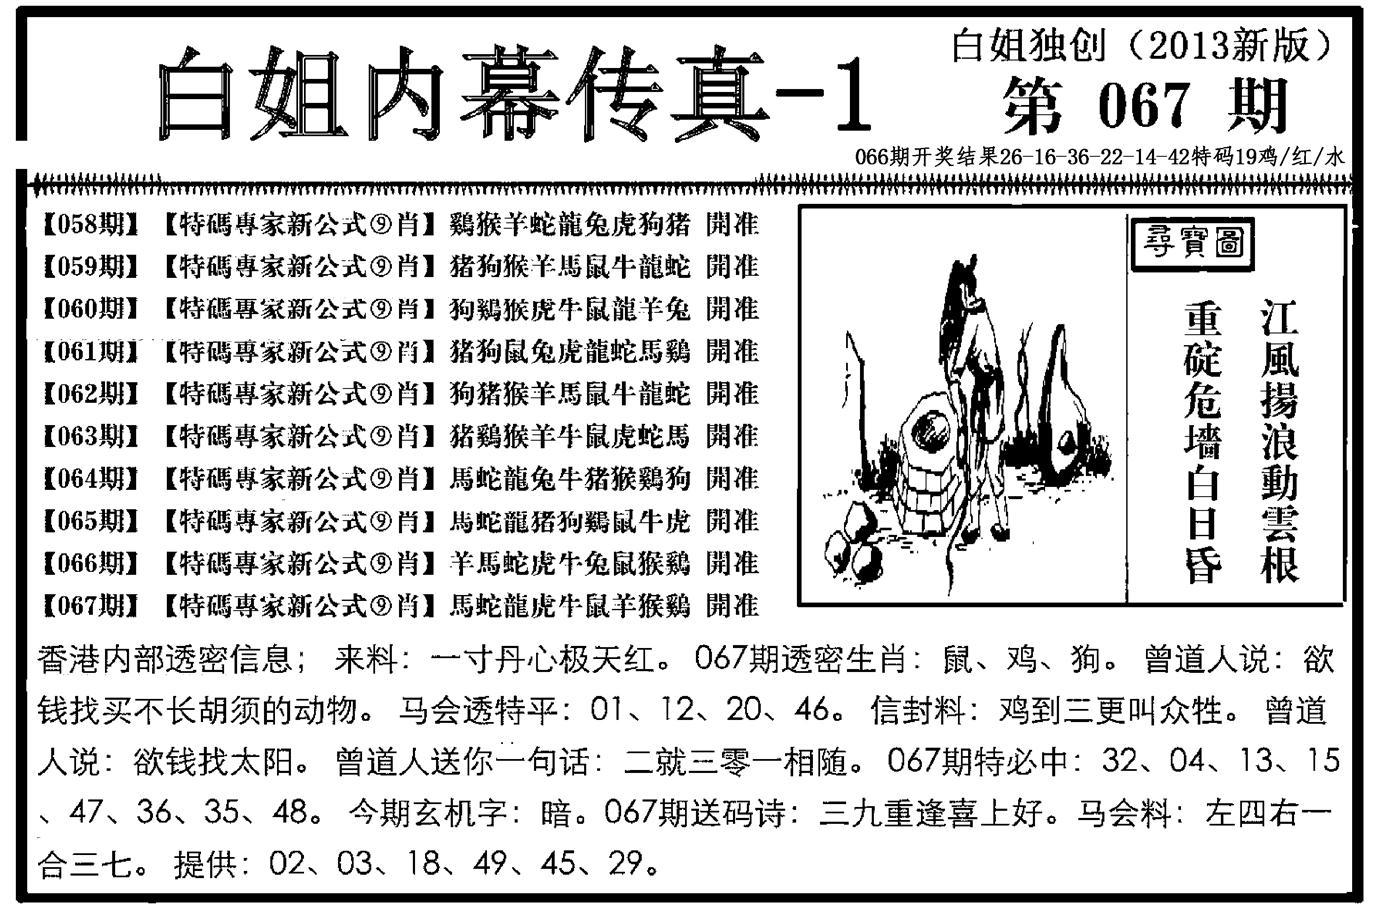 067期白姐内幕传真-1(黑白)